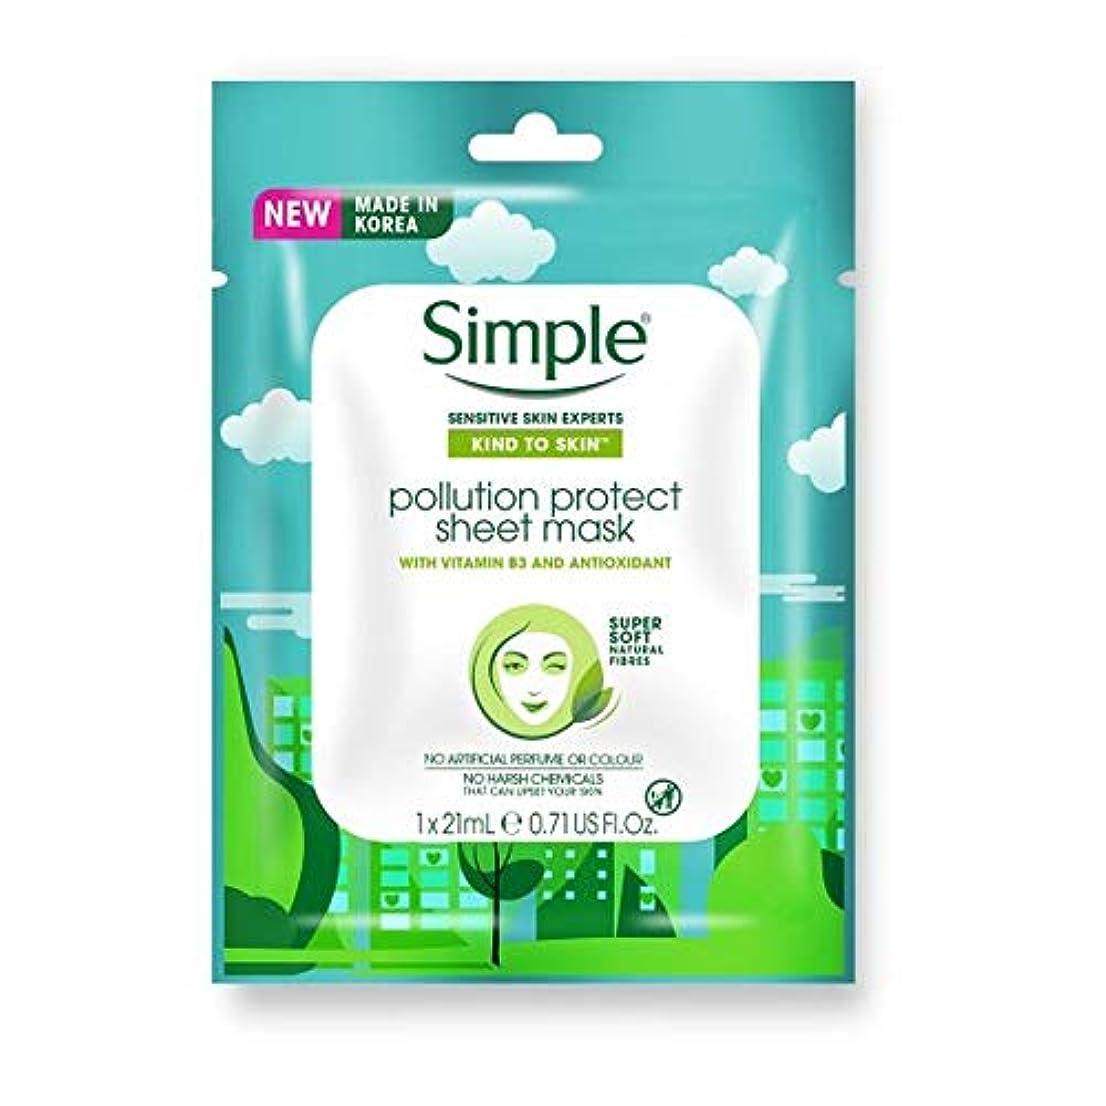 ゴール堀水分[Simple] 皮膚汚染への単純な種類のシートマスク21ミリリットルを保護 - Simple Kind To Skin Pollution Protect Sheet Mask 21Ml [並行輸入品]